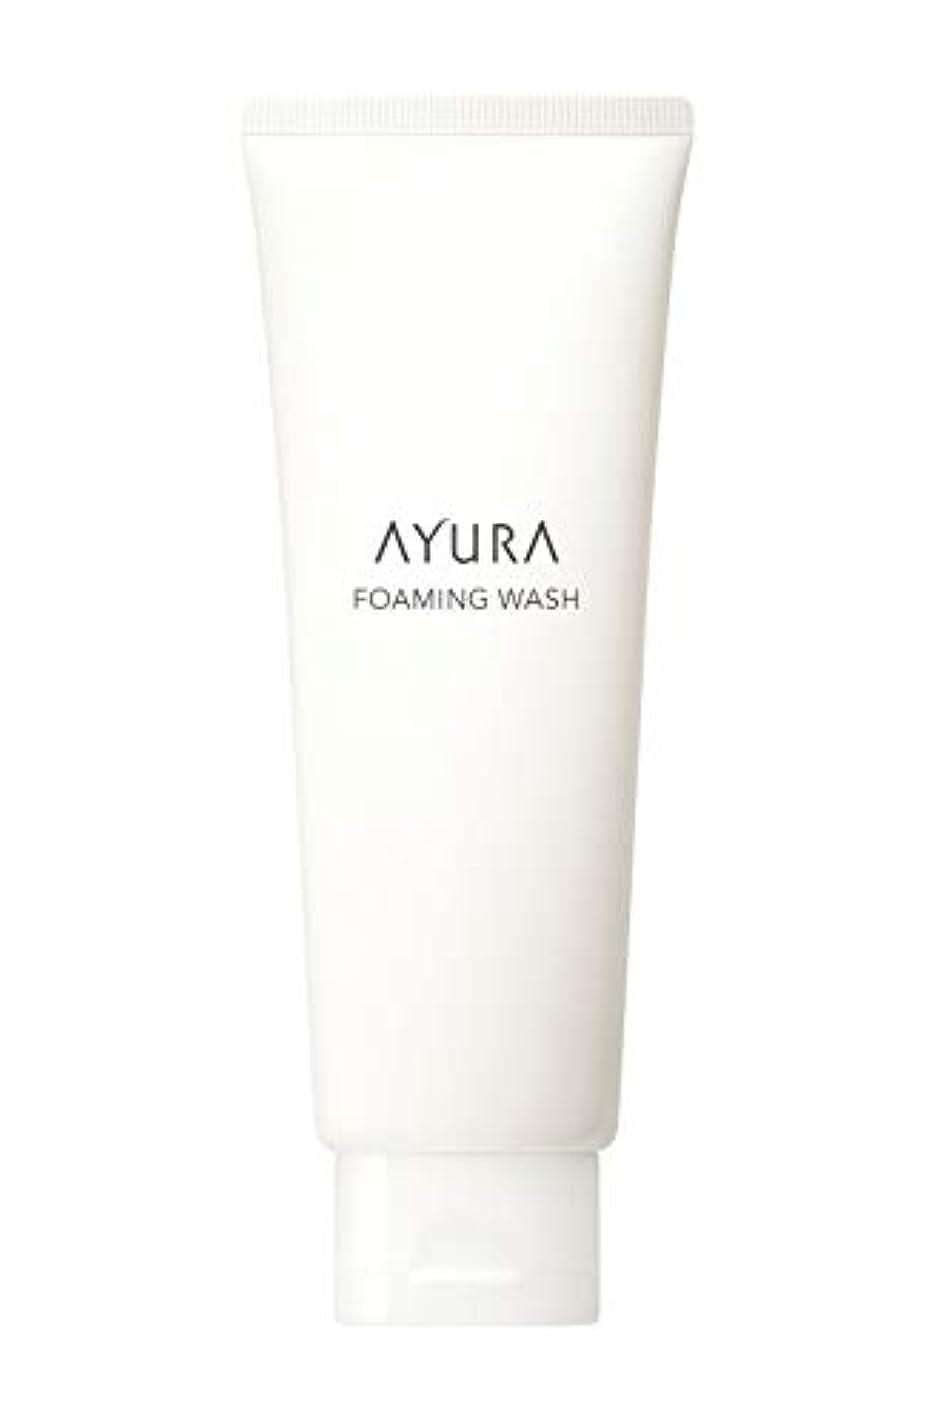 かんたん哺乳類サーバントアユーラ (AYURA) フォーミングウォッシュ 120g 〈 洗顔料 〉 肌をいたわりながら汚れを落とす つるんとやわらかな素肌へ 洗うたびにうるおいを与えるもっちり濃密泡の洗顔料